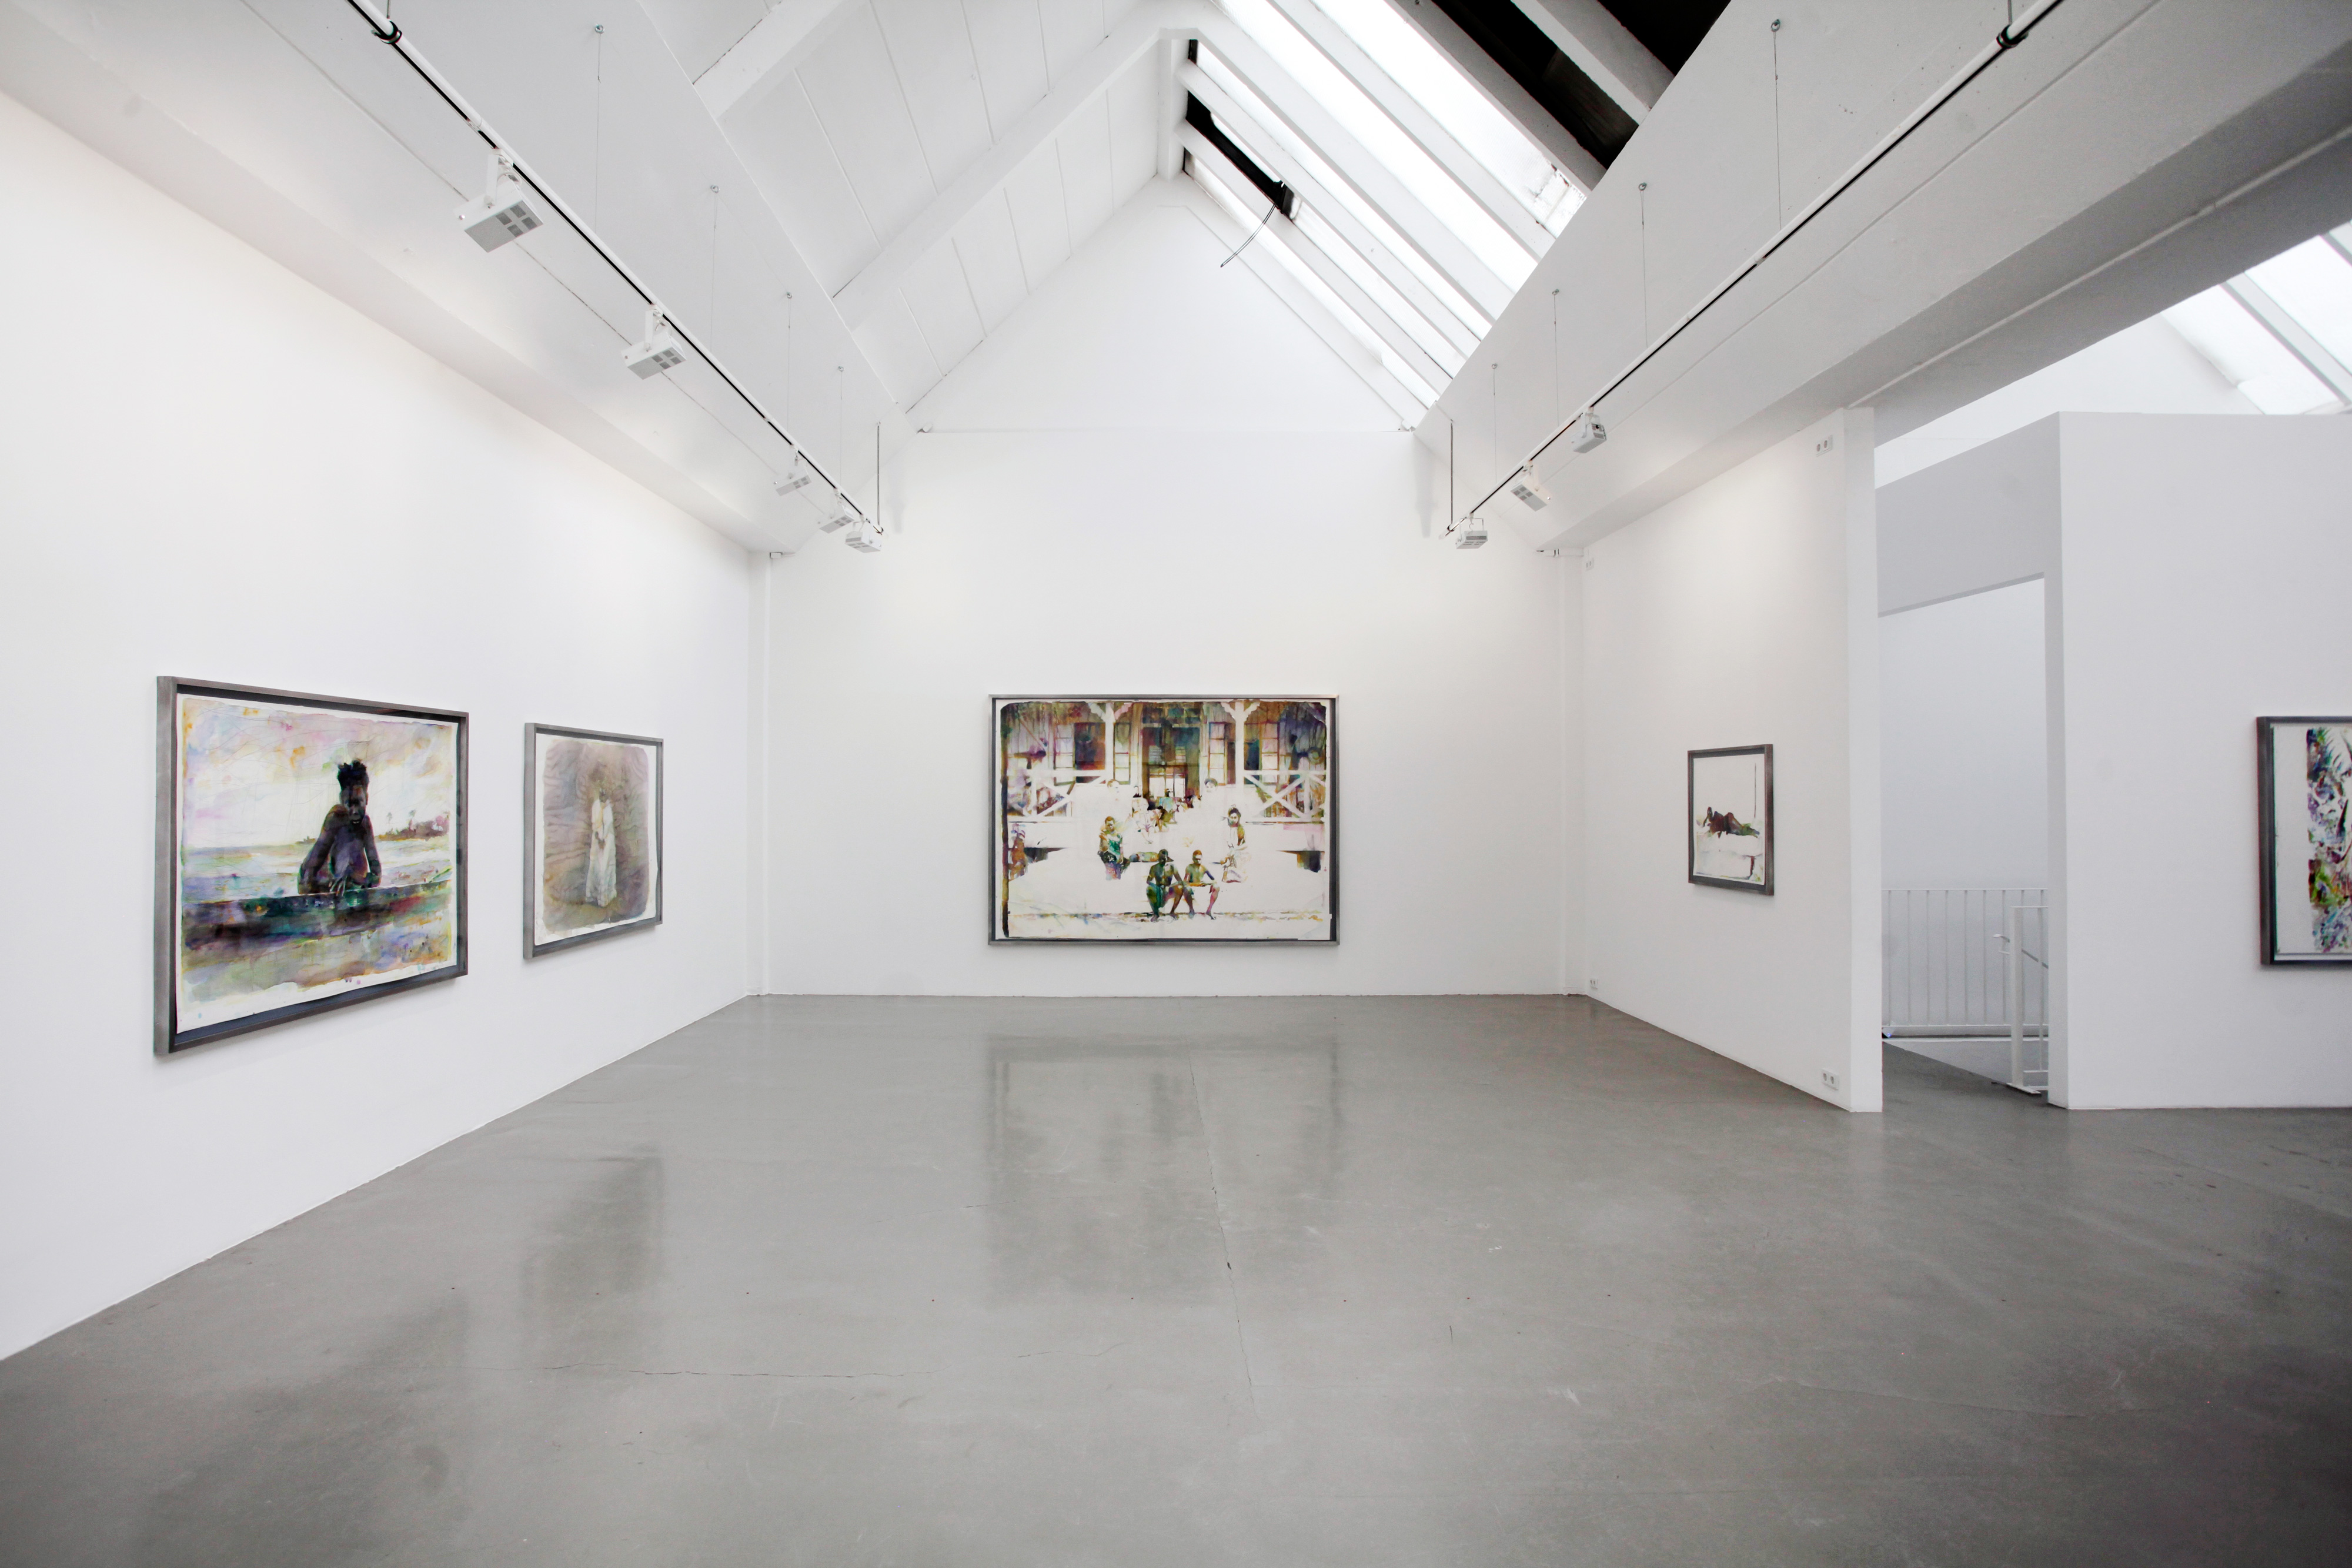 Galerie Barbara Thumm \ Martin Dammann – Kein schöner Land